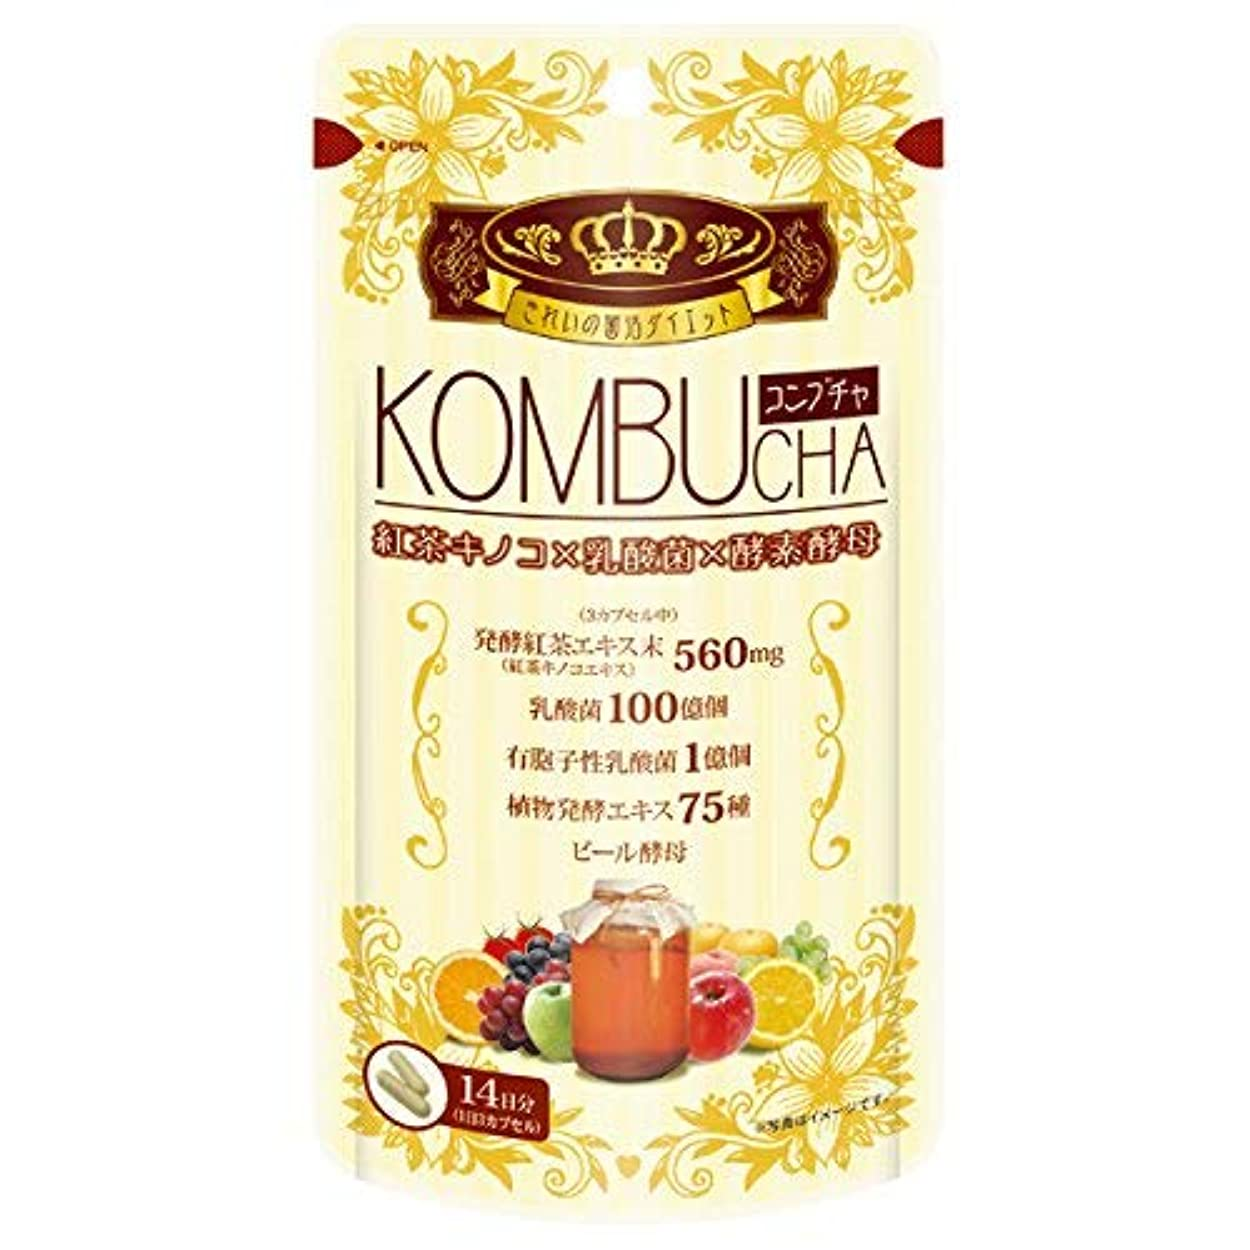 ユーワ YUWA KOMBUCHA 42粒 コンブチャ(腸活 菌活) 2個セット